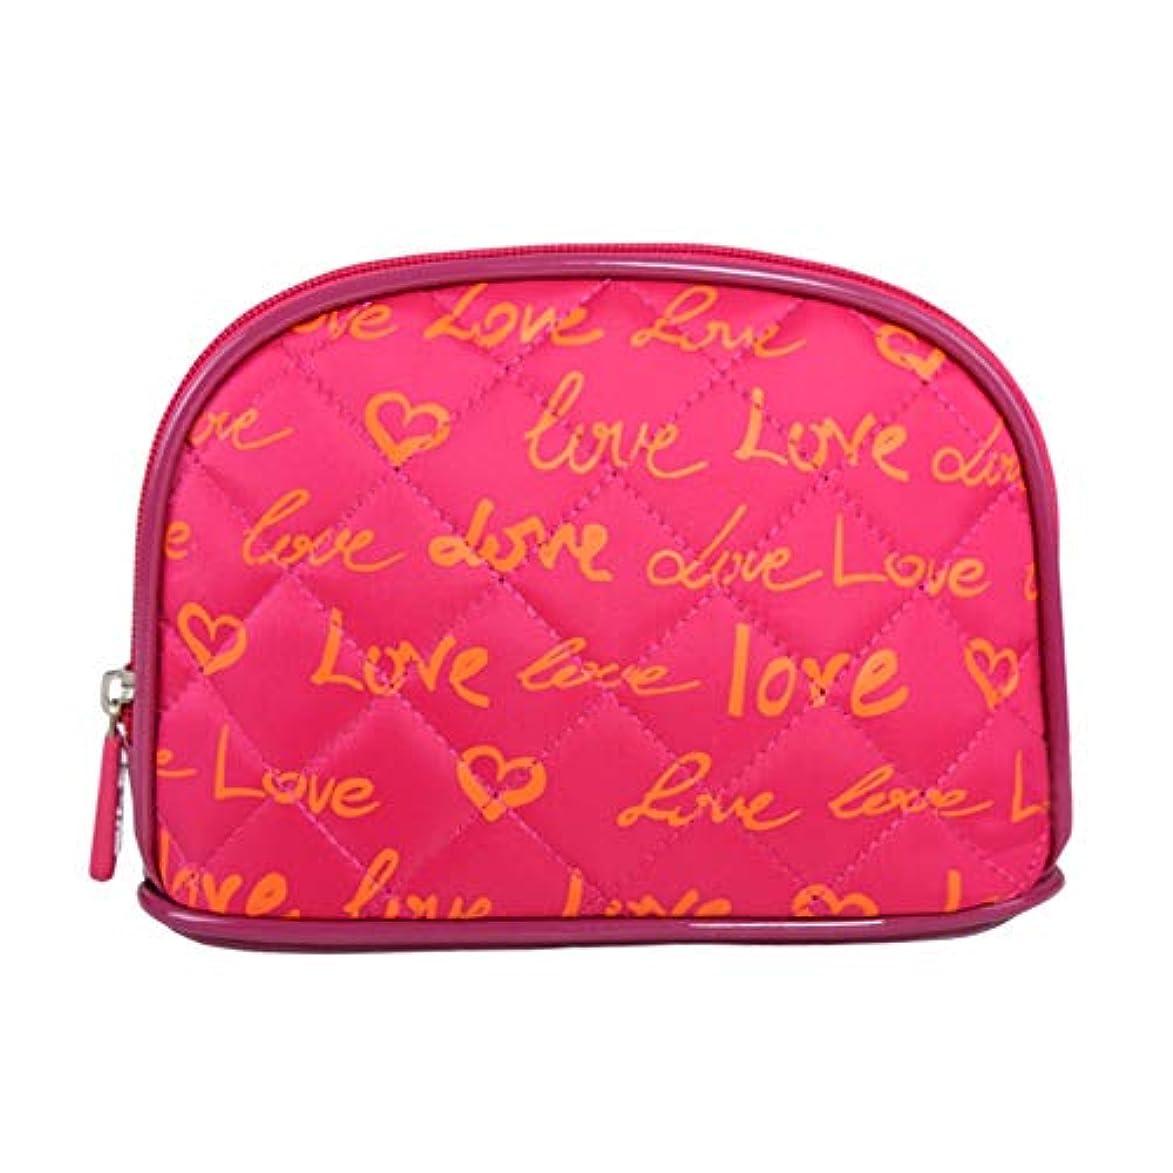 対角線農業のホールド化粧オーガナイザーバッグ ポータブル防水化粧品袋印刷トップジッパーメークアップの場合旅行 化粧品ケース (色 : 赤)